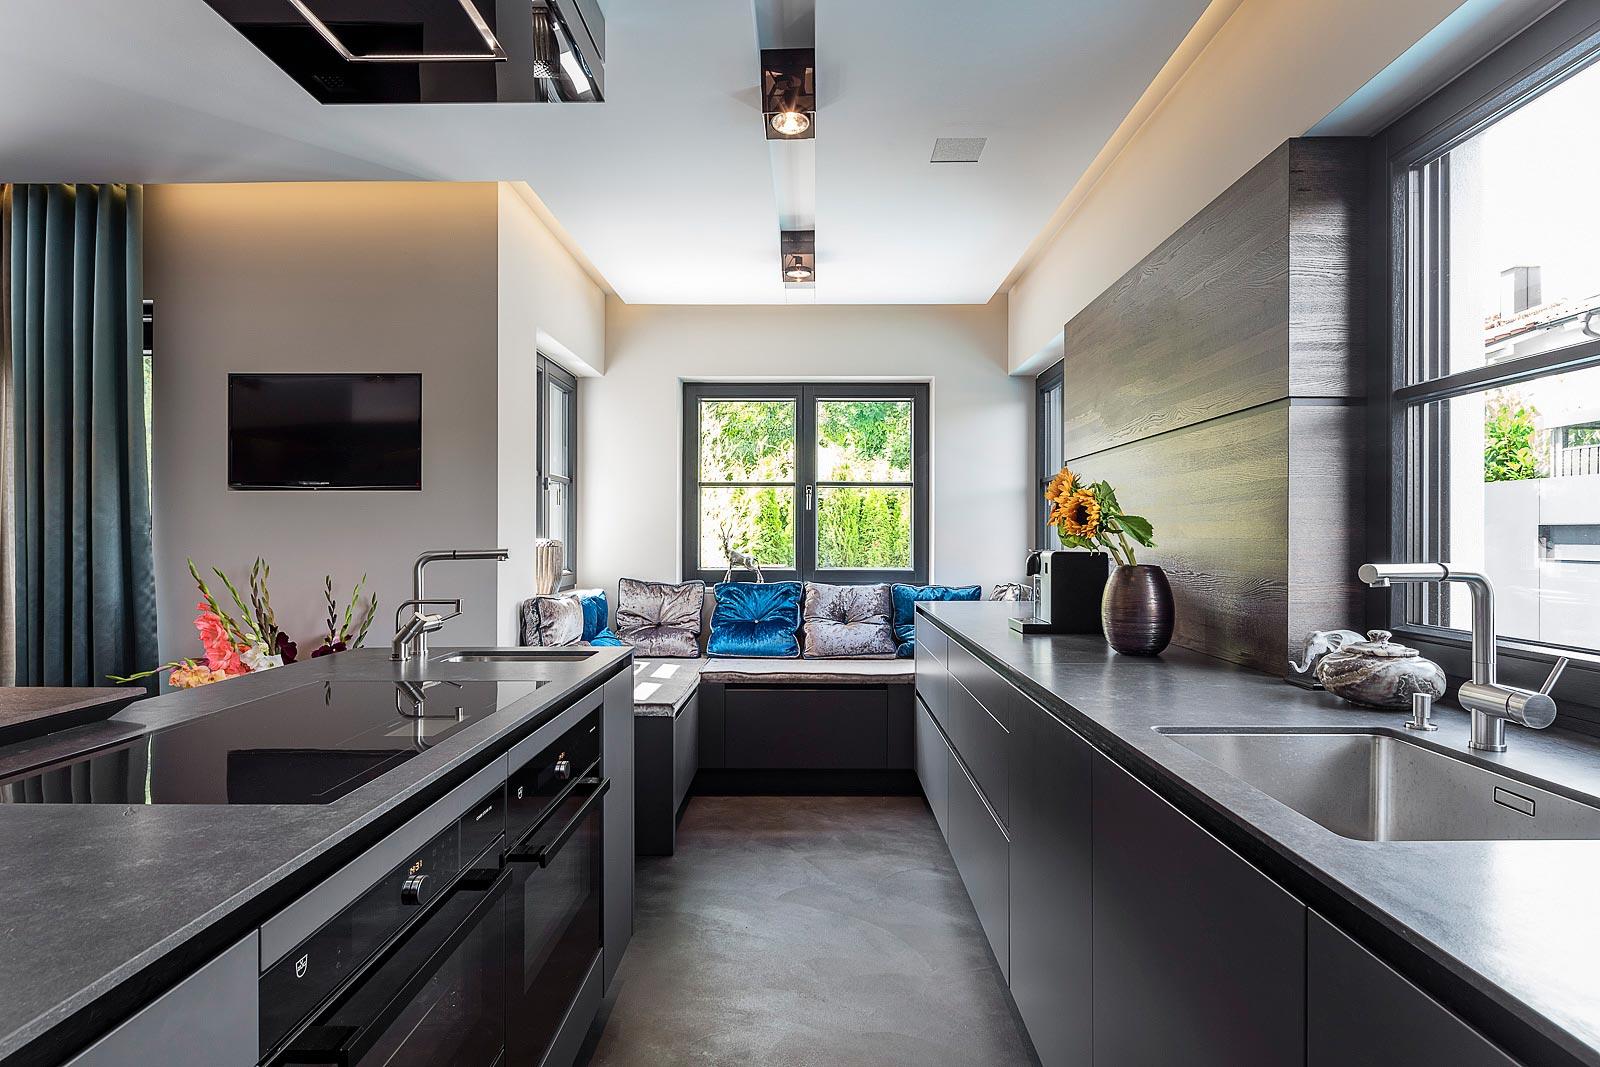 Architekturfotografie Innenraum, Küchen Bereich, Detailansicht mit Sitzgelegenheit